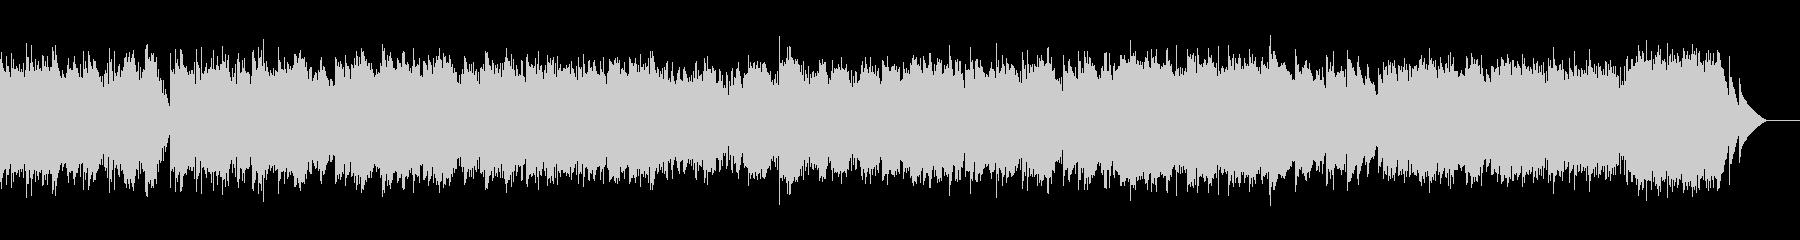 ショパン 黒鍵のエチュード オルゴールの未再生の波形